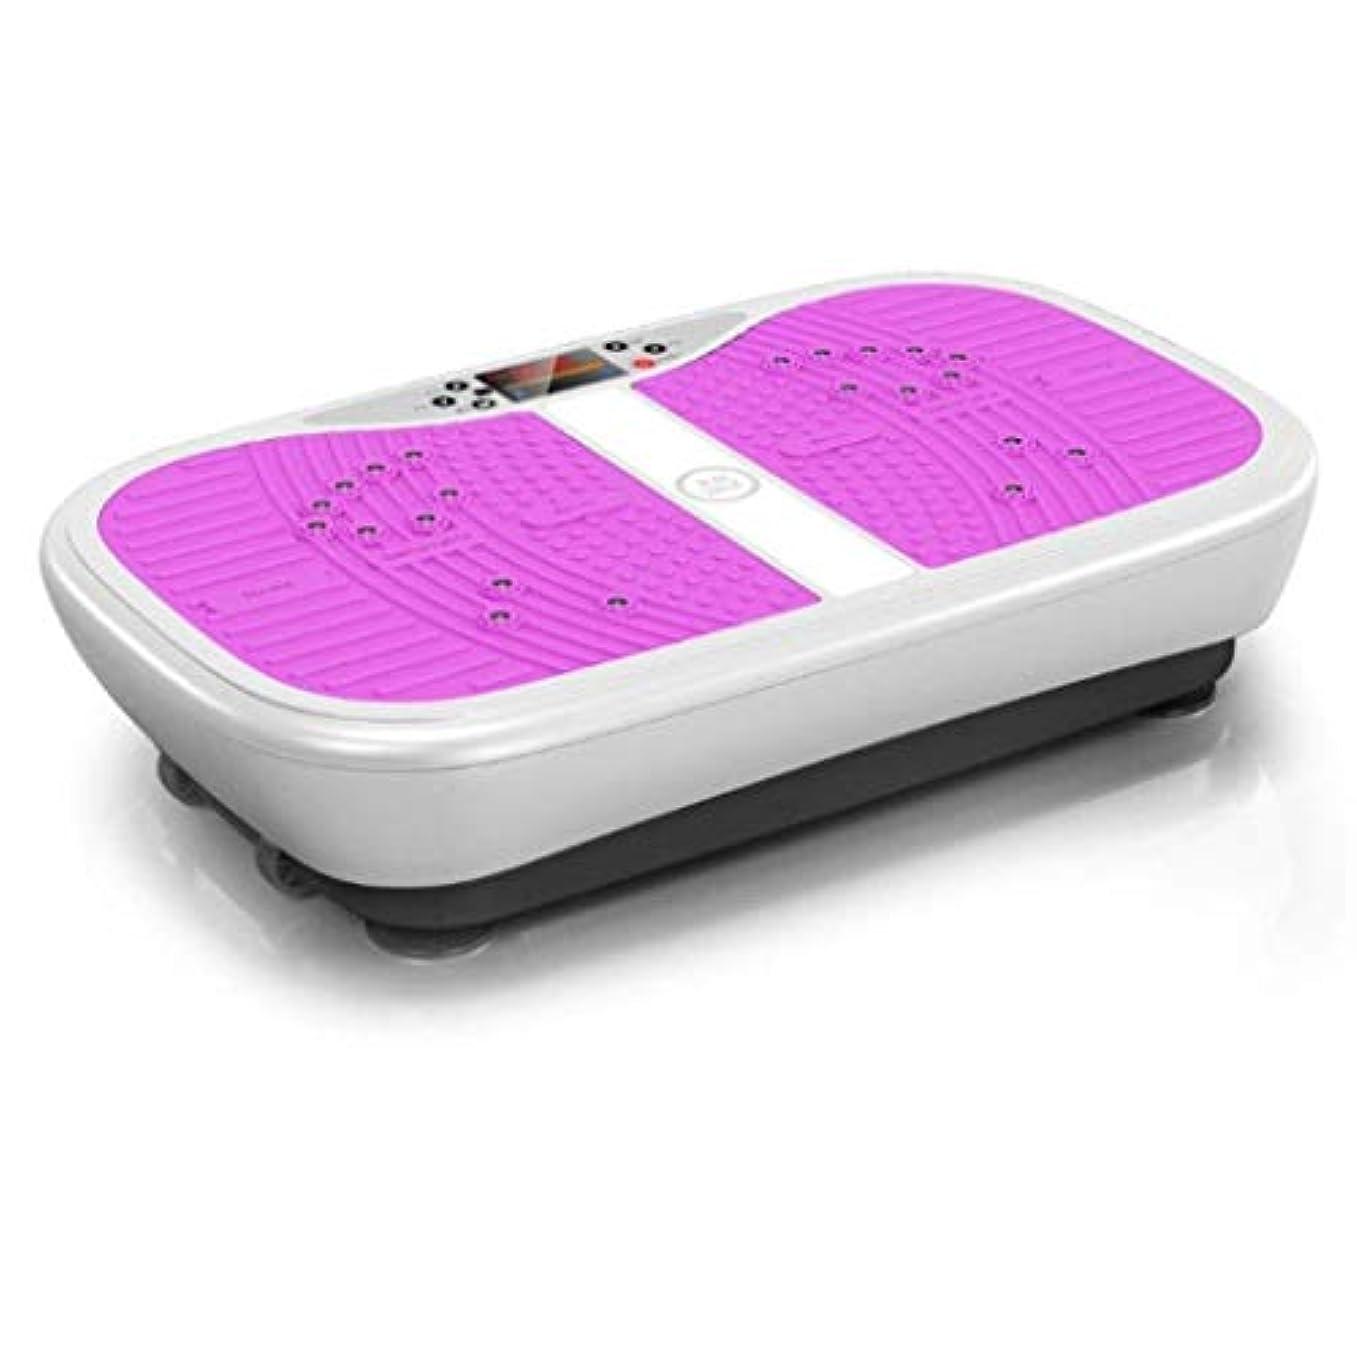 退屈させるスクリーチ筋肉の減量マシン、モーション振動シェーピングボディフィットネスマシン、99レベルの速度と抵抗バンド、家族向け、ユニセックスバイブレーショントレーナー (Color : 紫の)